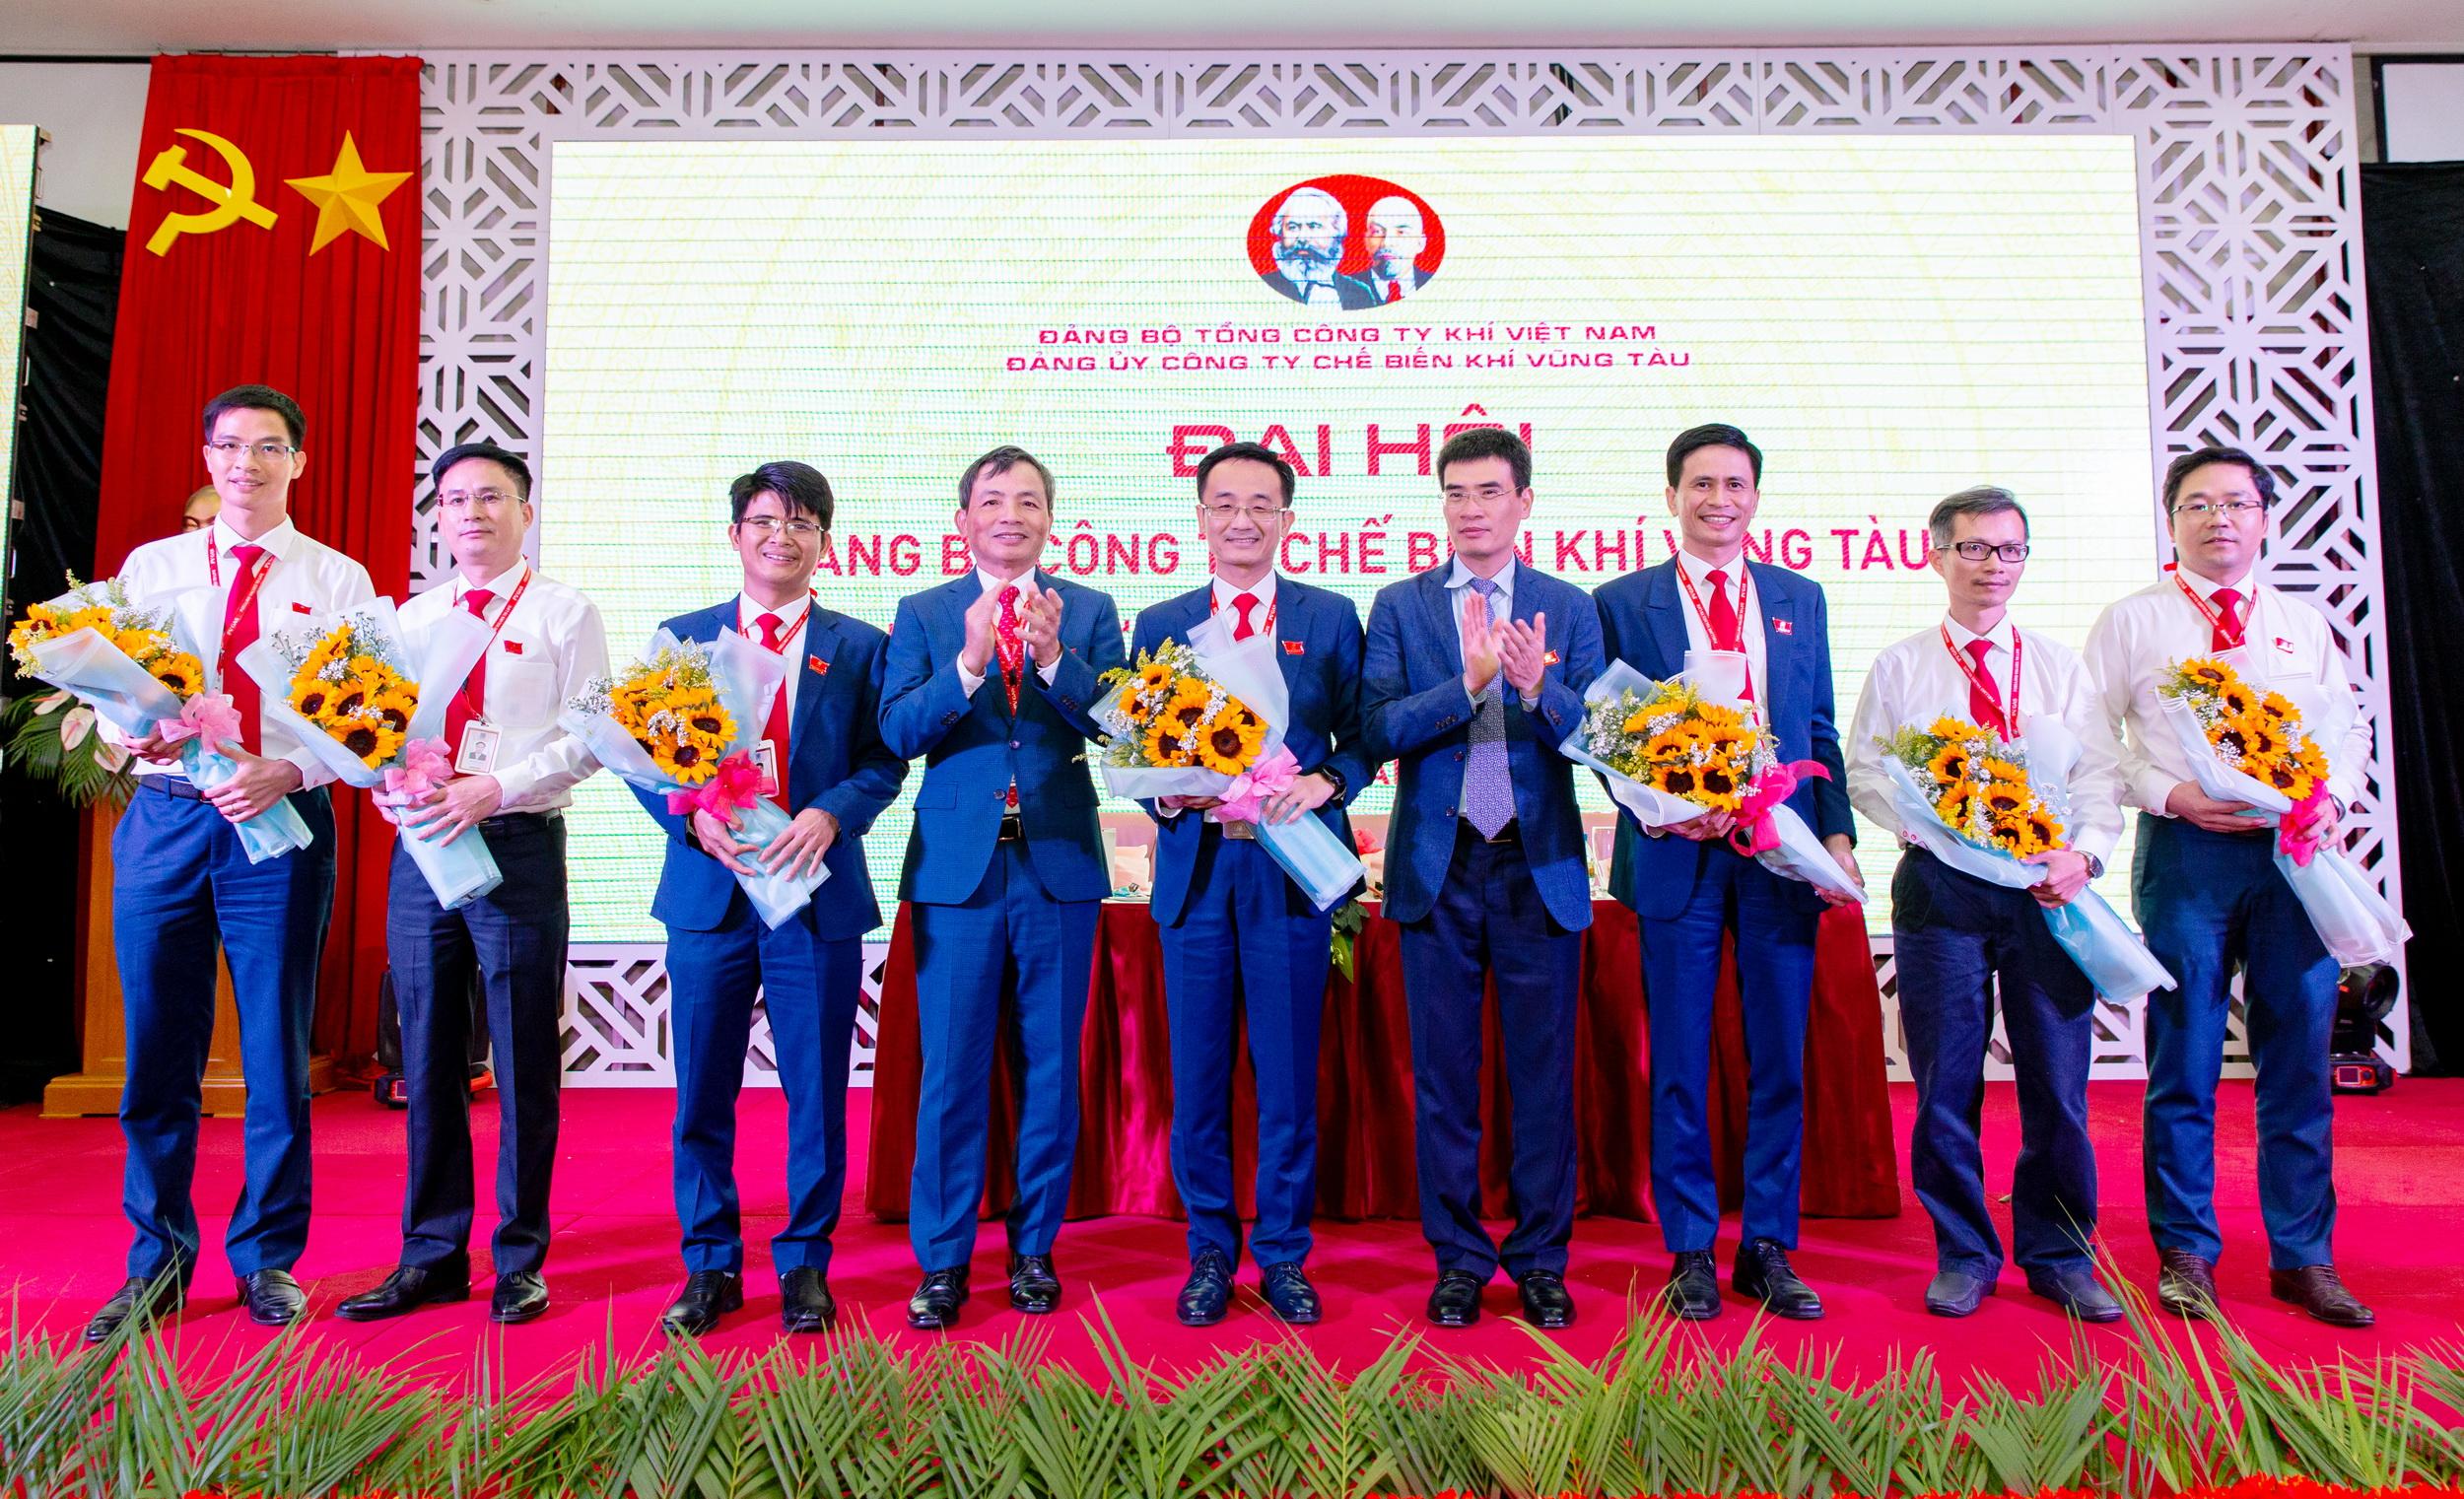 Đại hội Đảng bộ Công ty Chế biến Khí Vũng Tàu là Đại hội mẫu của Đảng bộ PV GAS